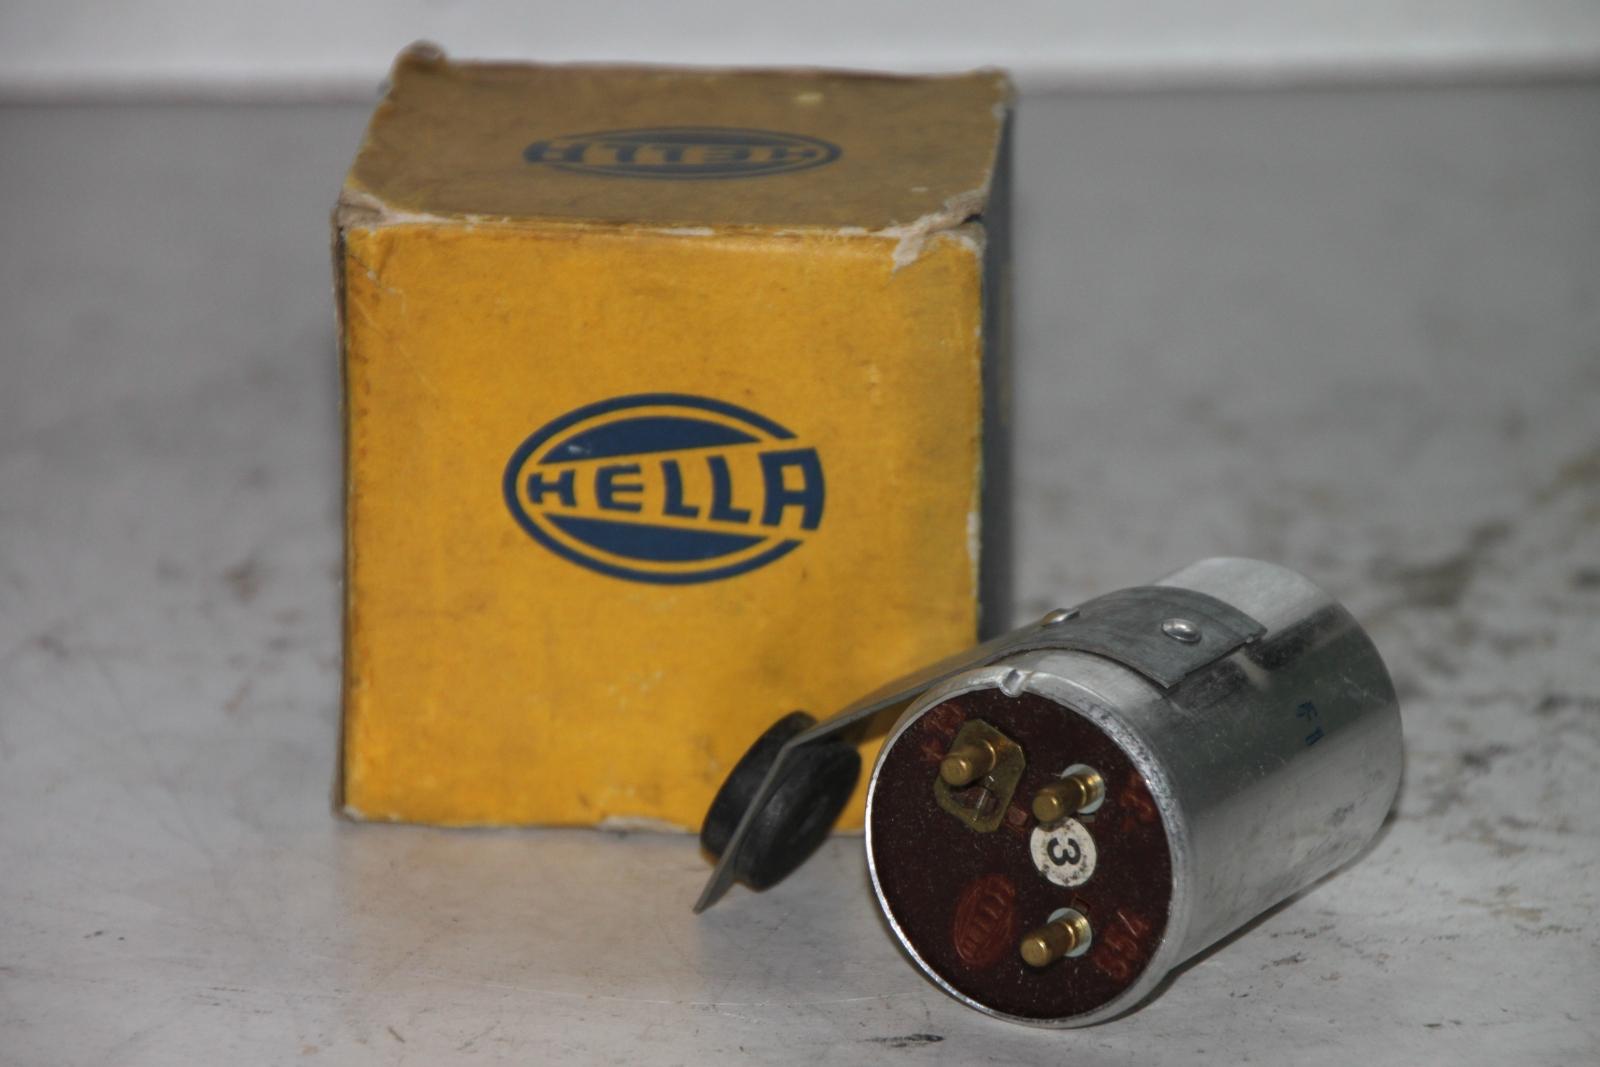 HELLA Blinkgeber  91PS1E 2x18W 12V flasher avertissement clignotant